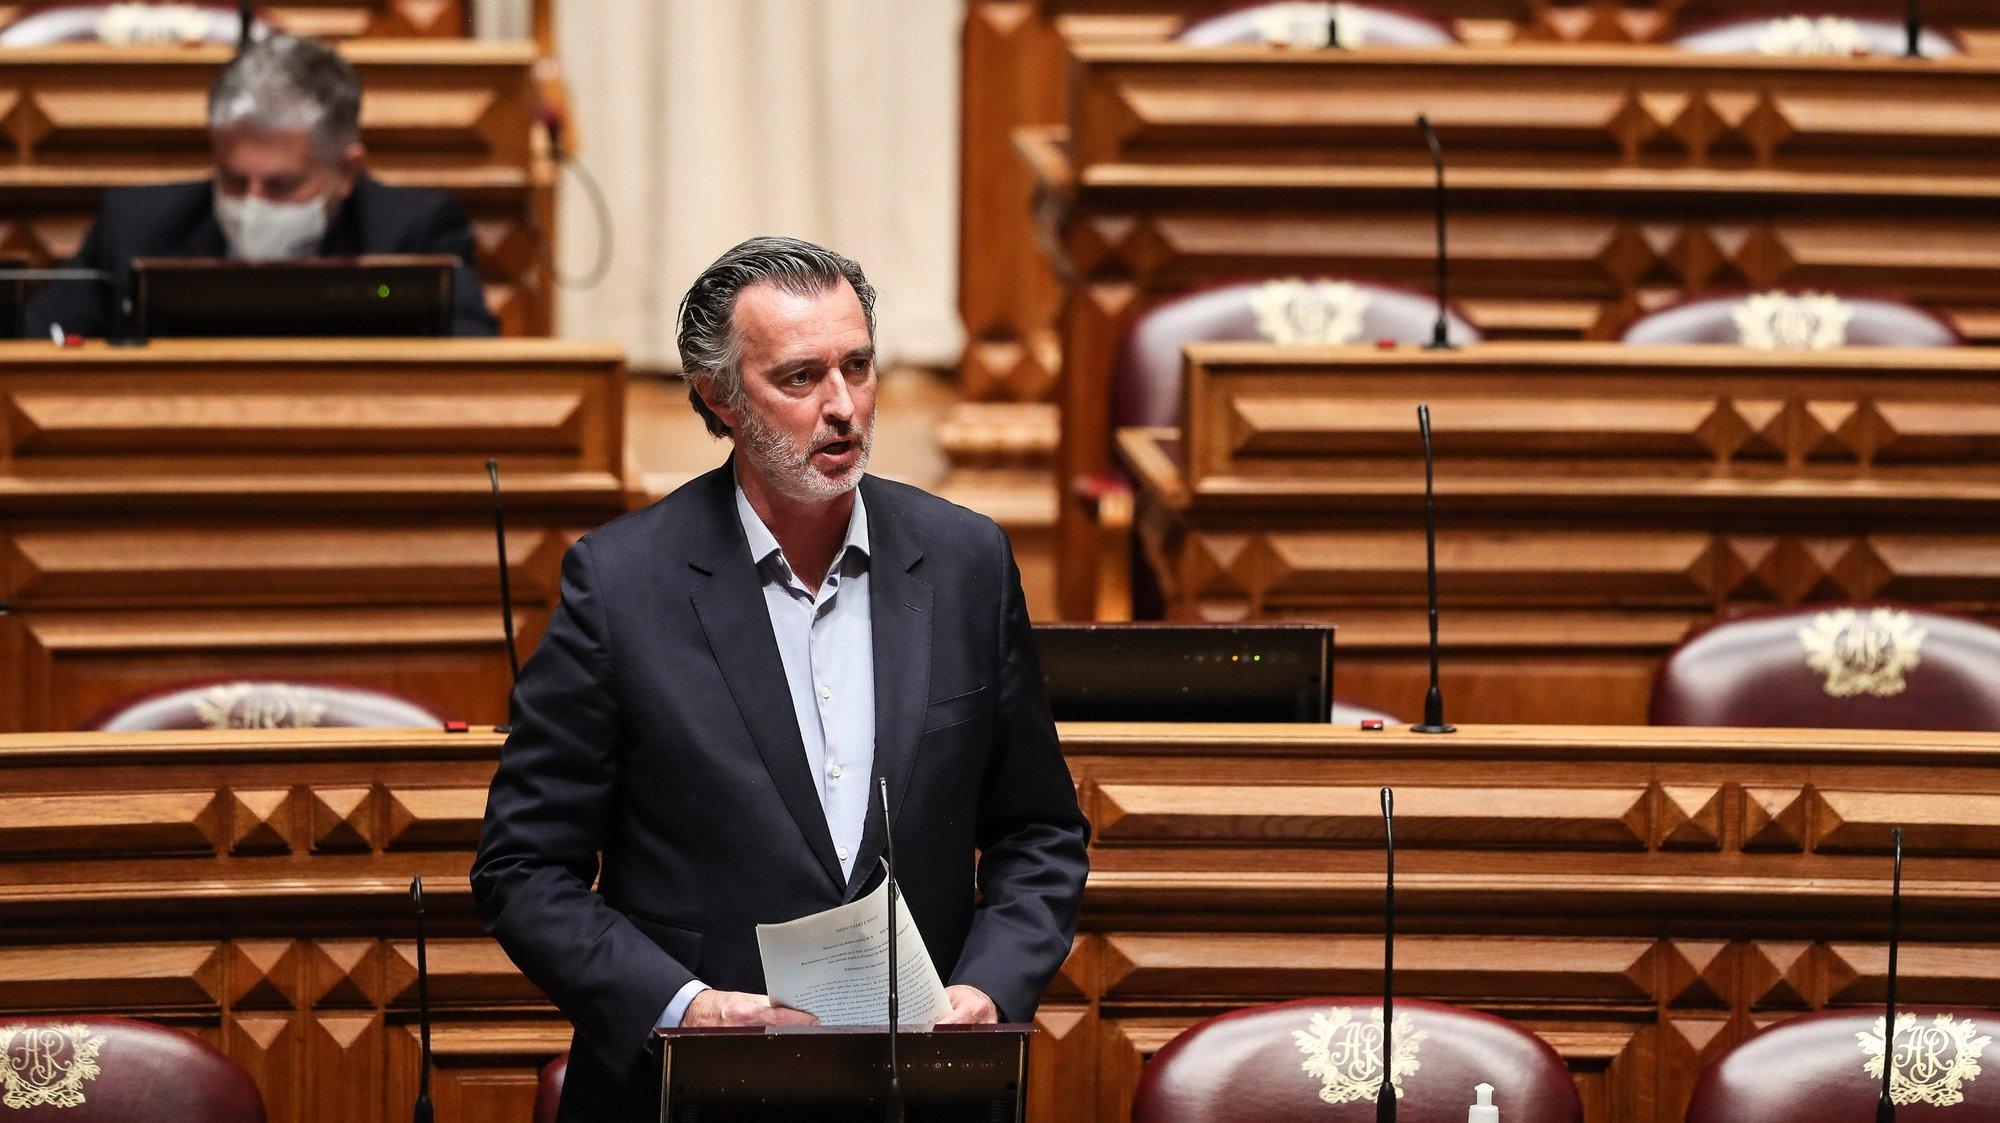 O deputado da Iniciativa Liberal, João Cotrim de Figueiredo, participa no debate parlamentar com a presença do primeiro-ministro, António Costa (ausente da foto)  sobre política geral, na Assembleia da República, em Lisboa, 17 de março de 2021. MÁRIO CRUZ/LUSA